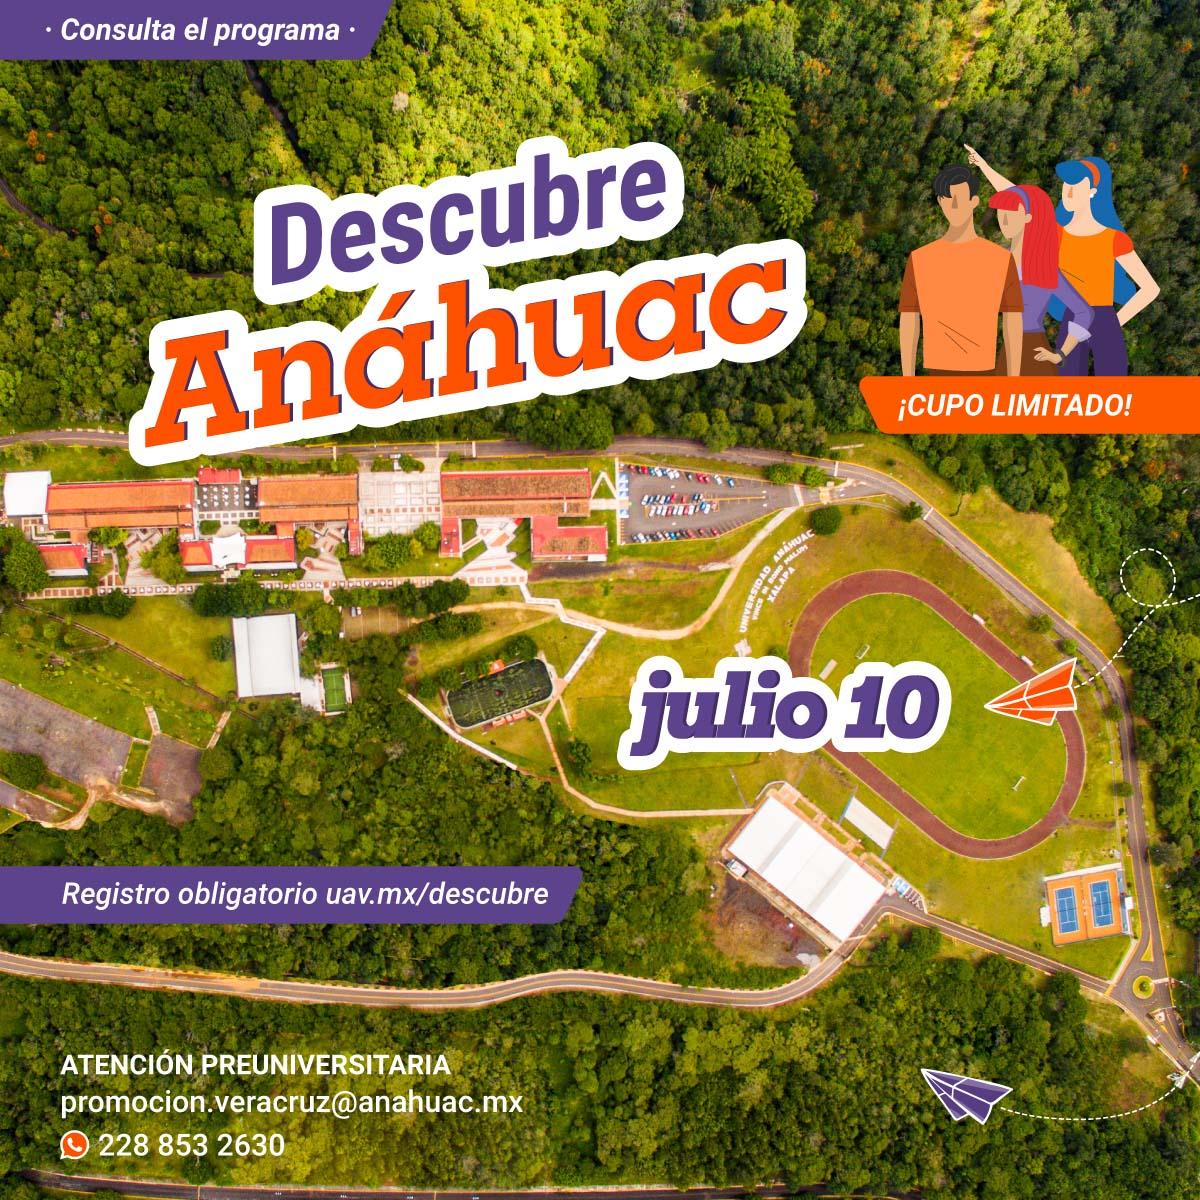 Descubre Anáhuac